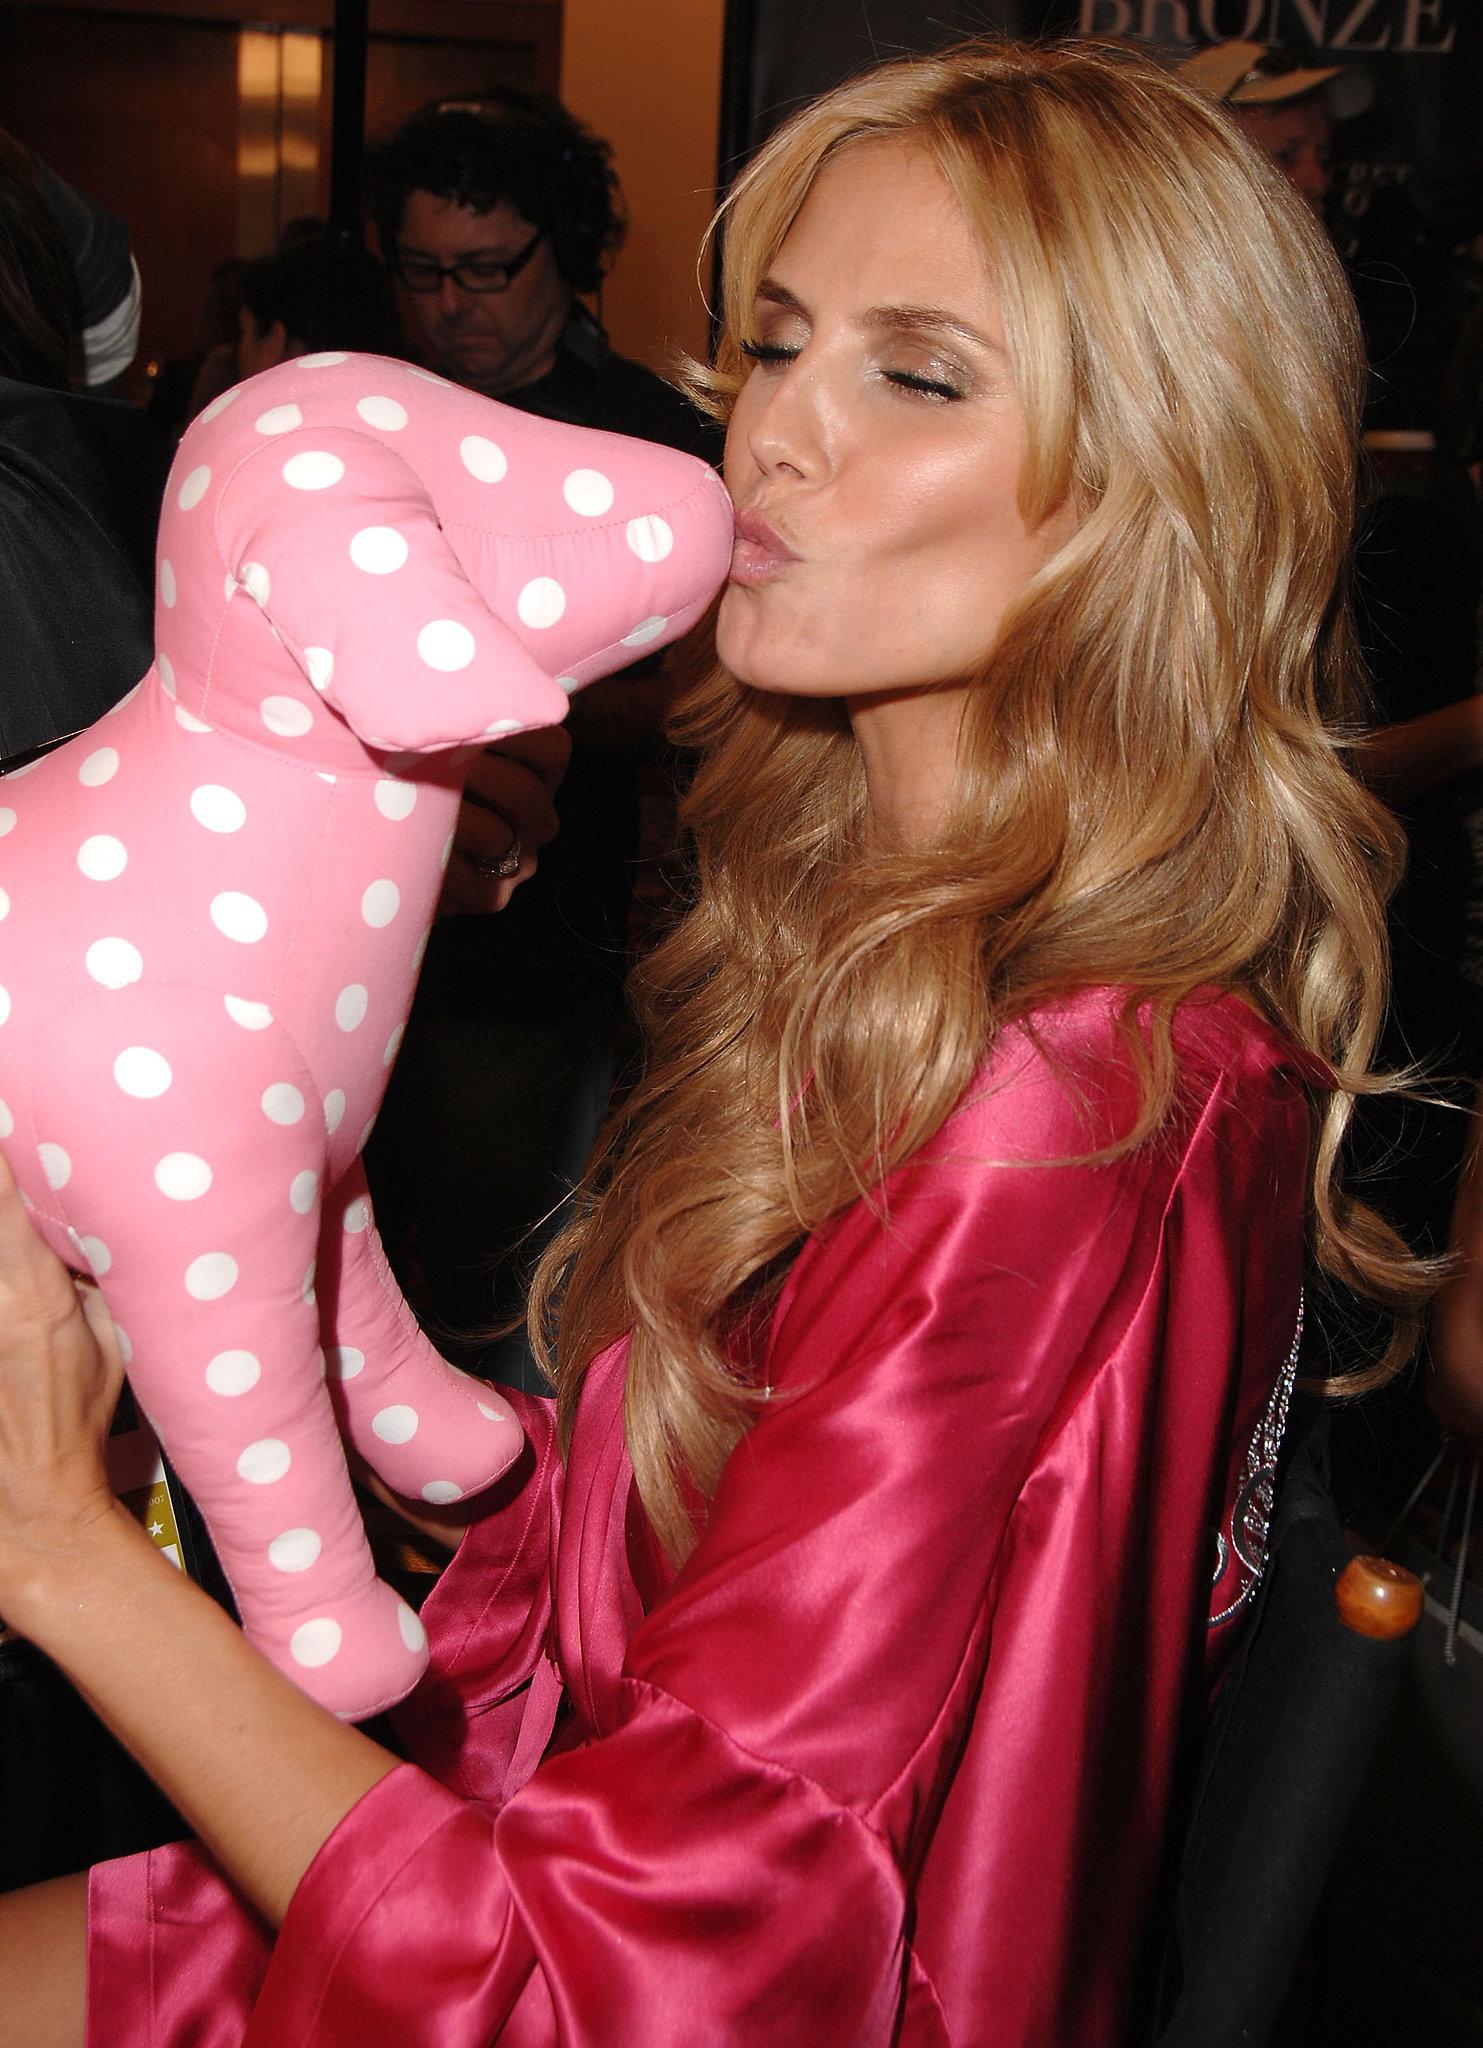 Heidi gave a PINK stuffed puppy a smooch backstage in 2007.